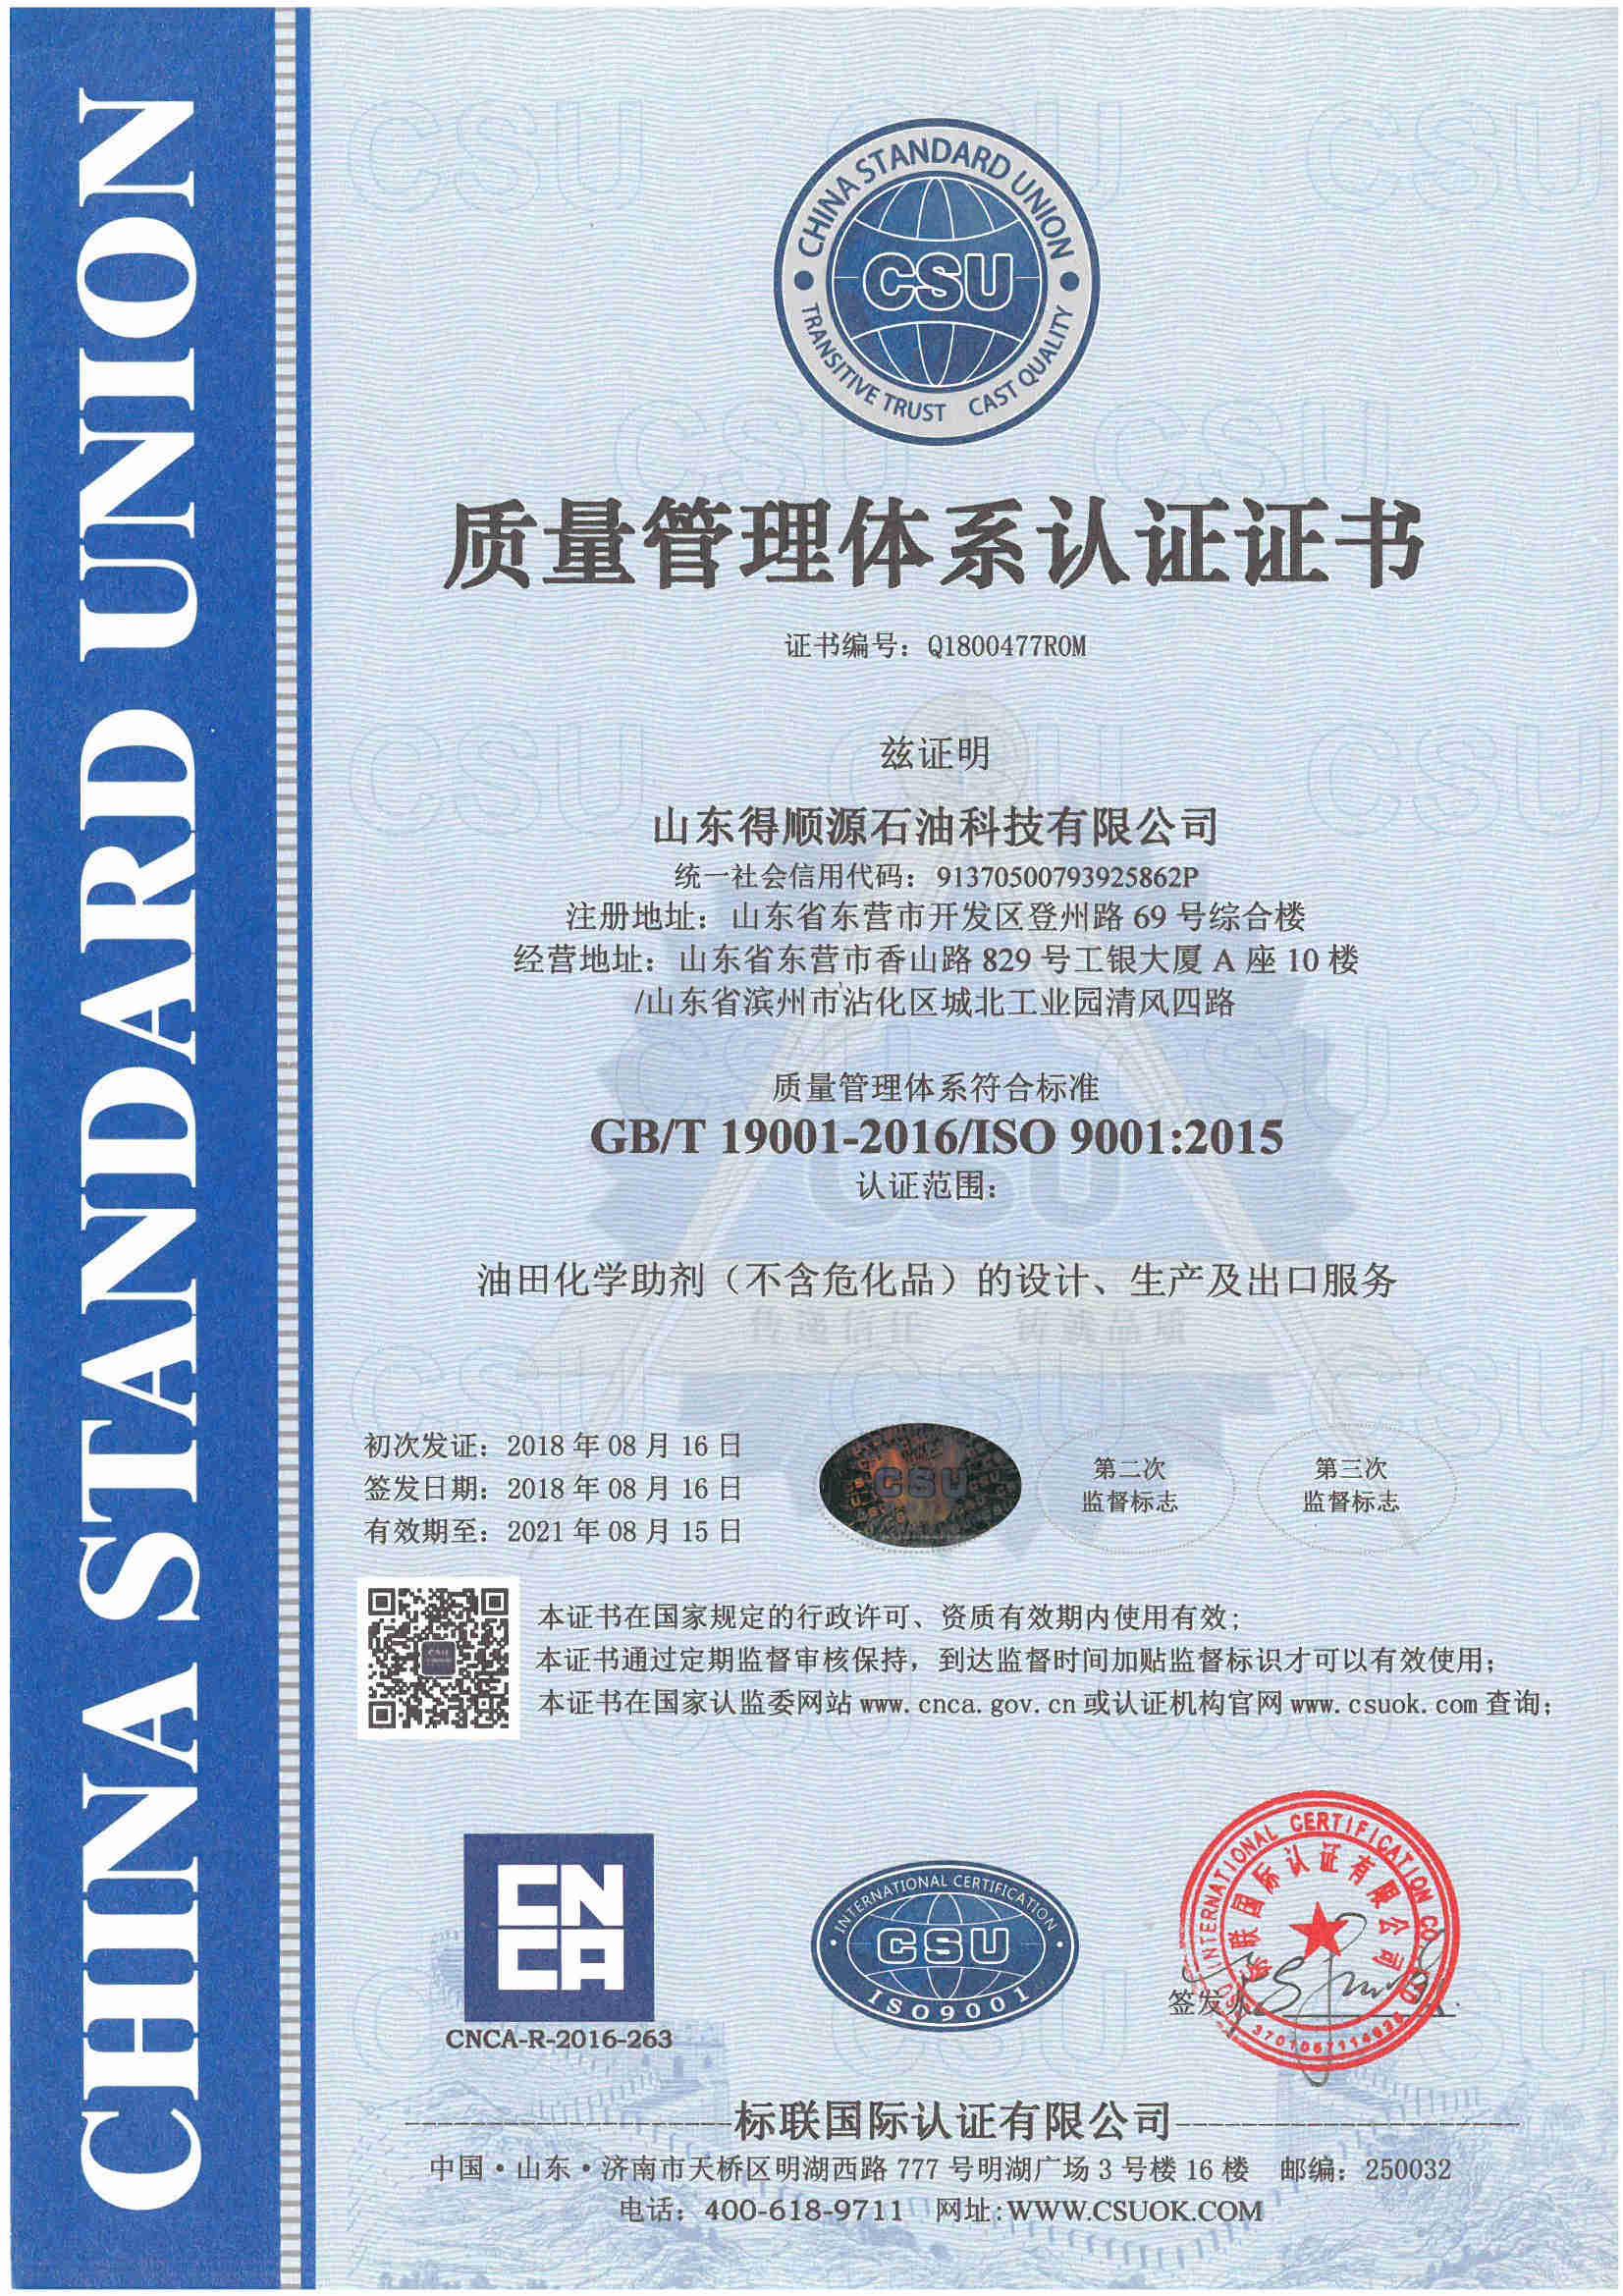 公司顺利通过三体系认证监督审核并持续保持证书